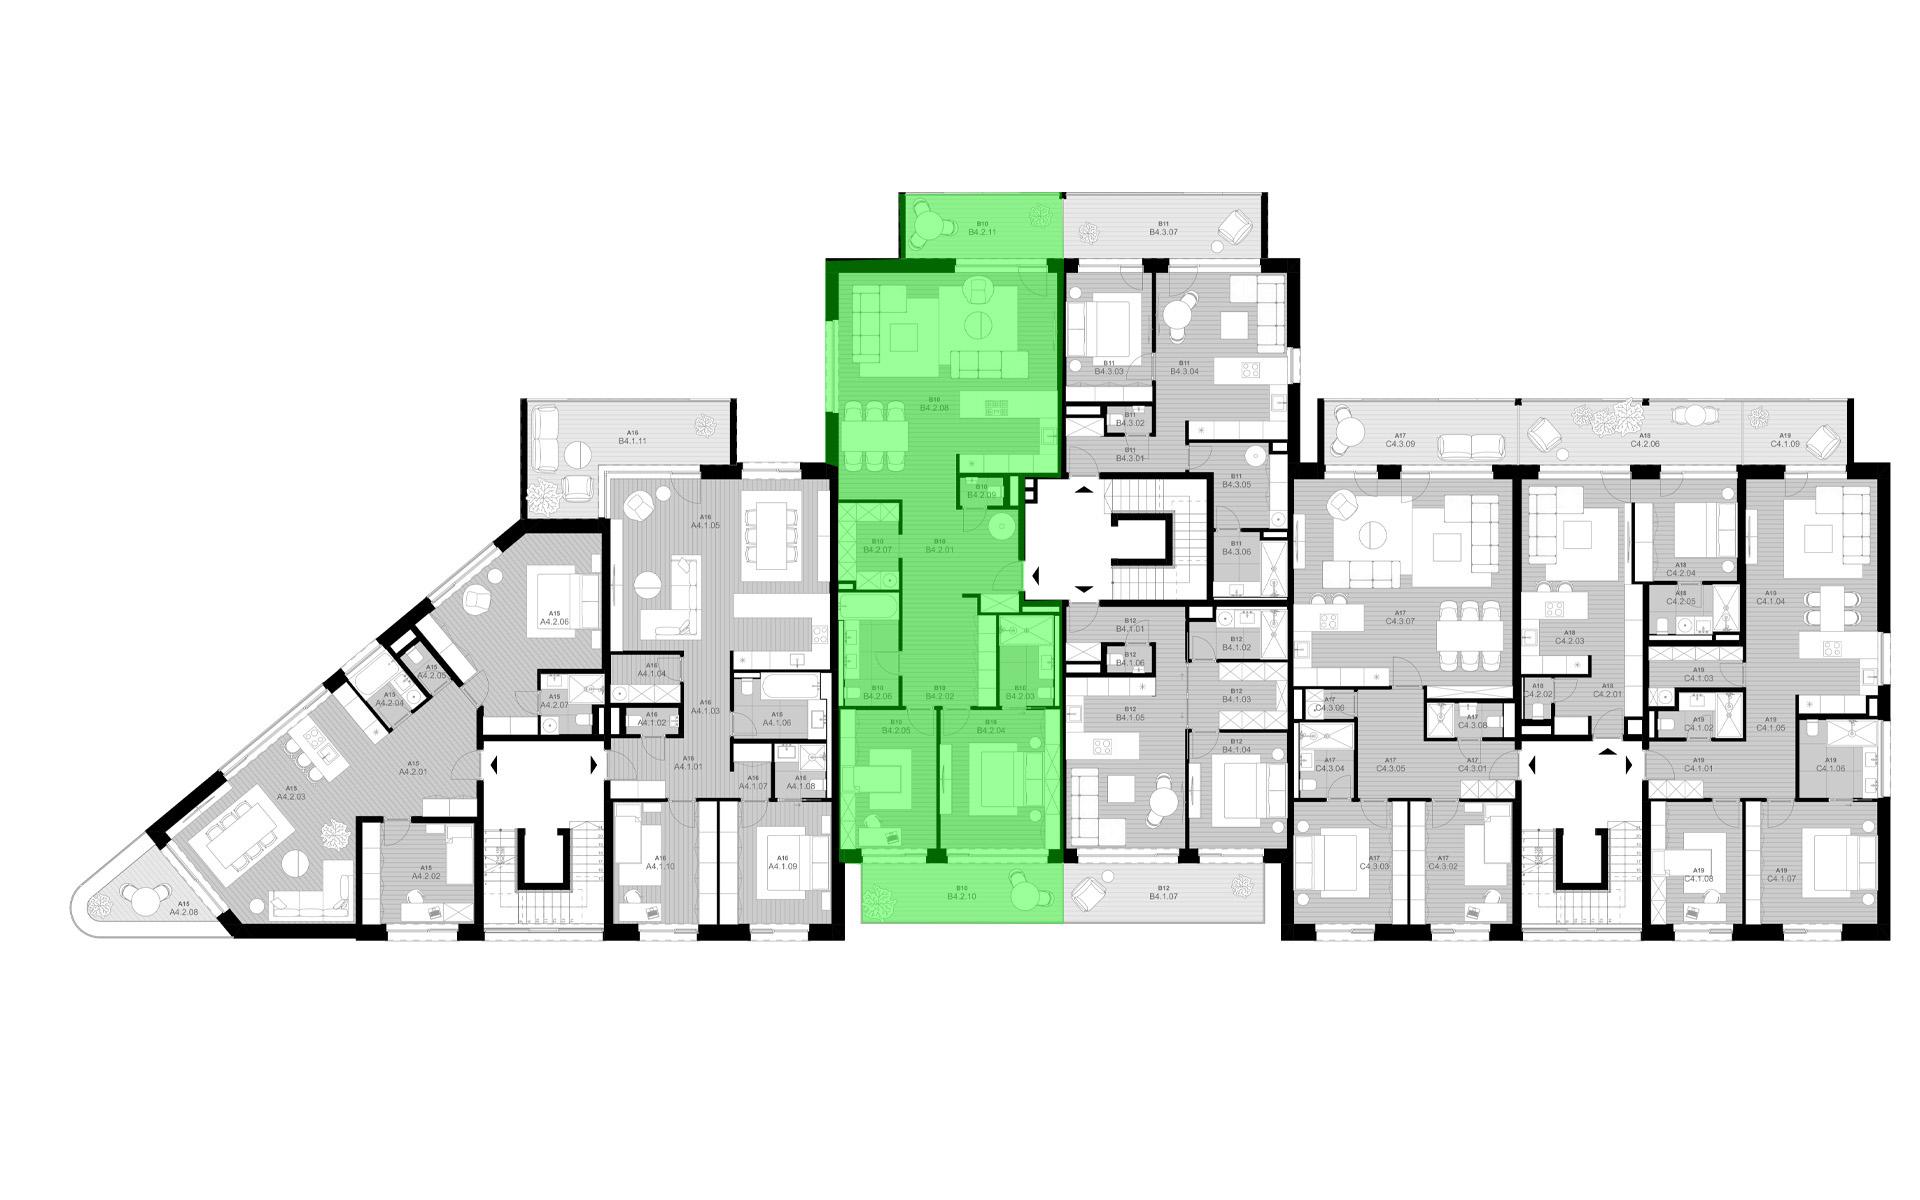 rezidencia K Železnej Studienke - pôdorys so zvýraznením bytu B4.2